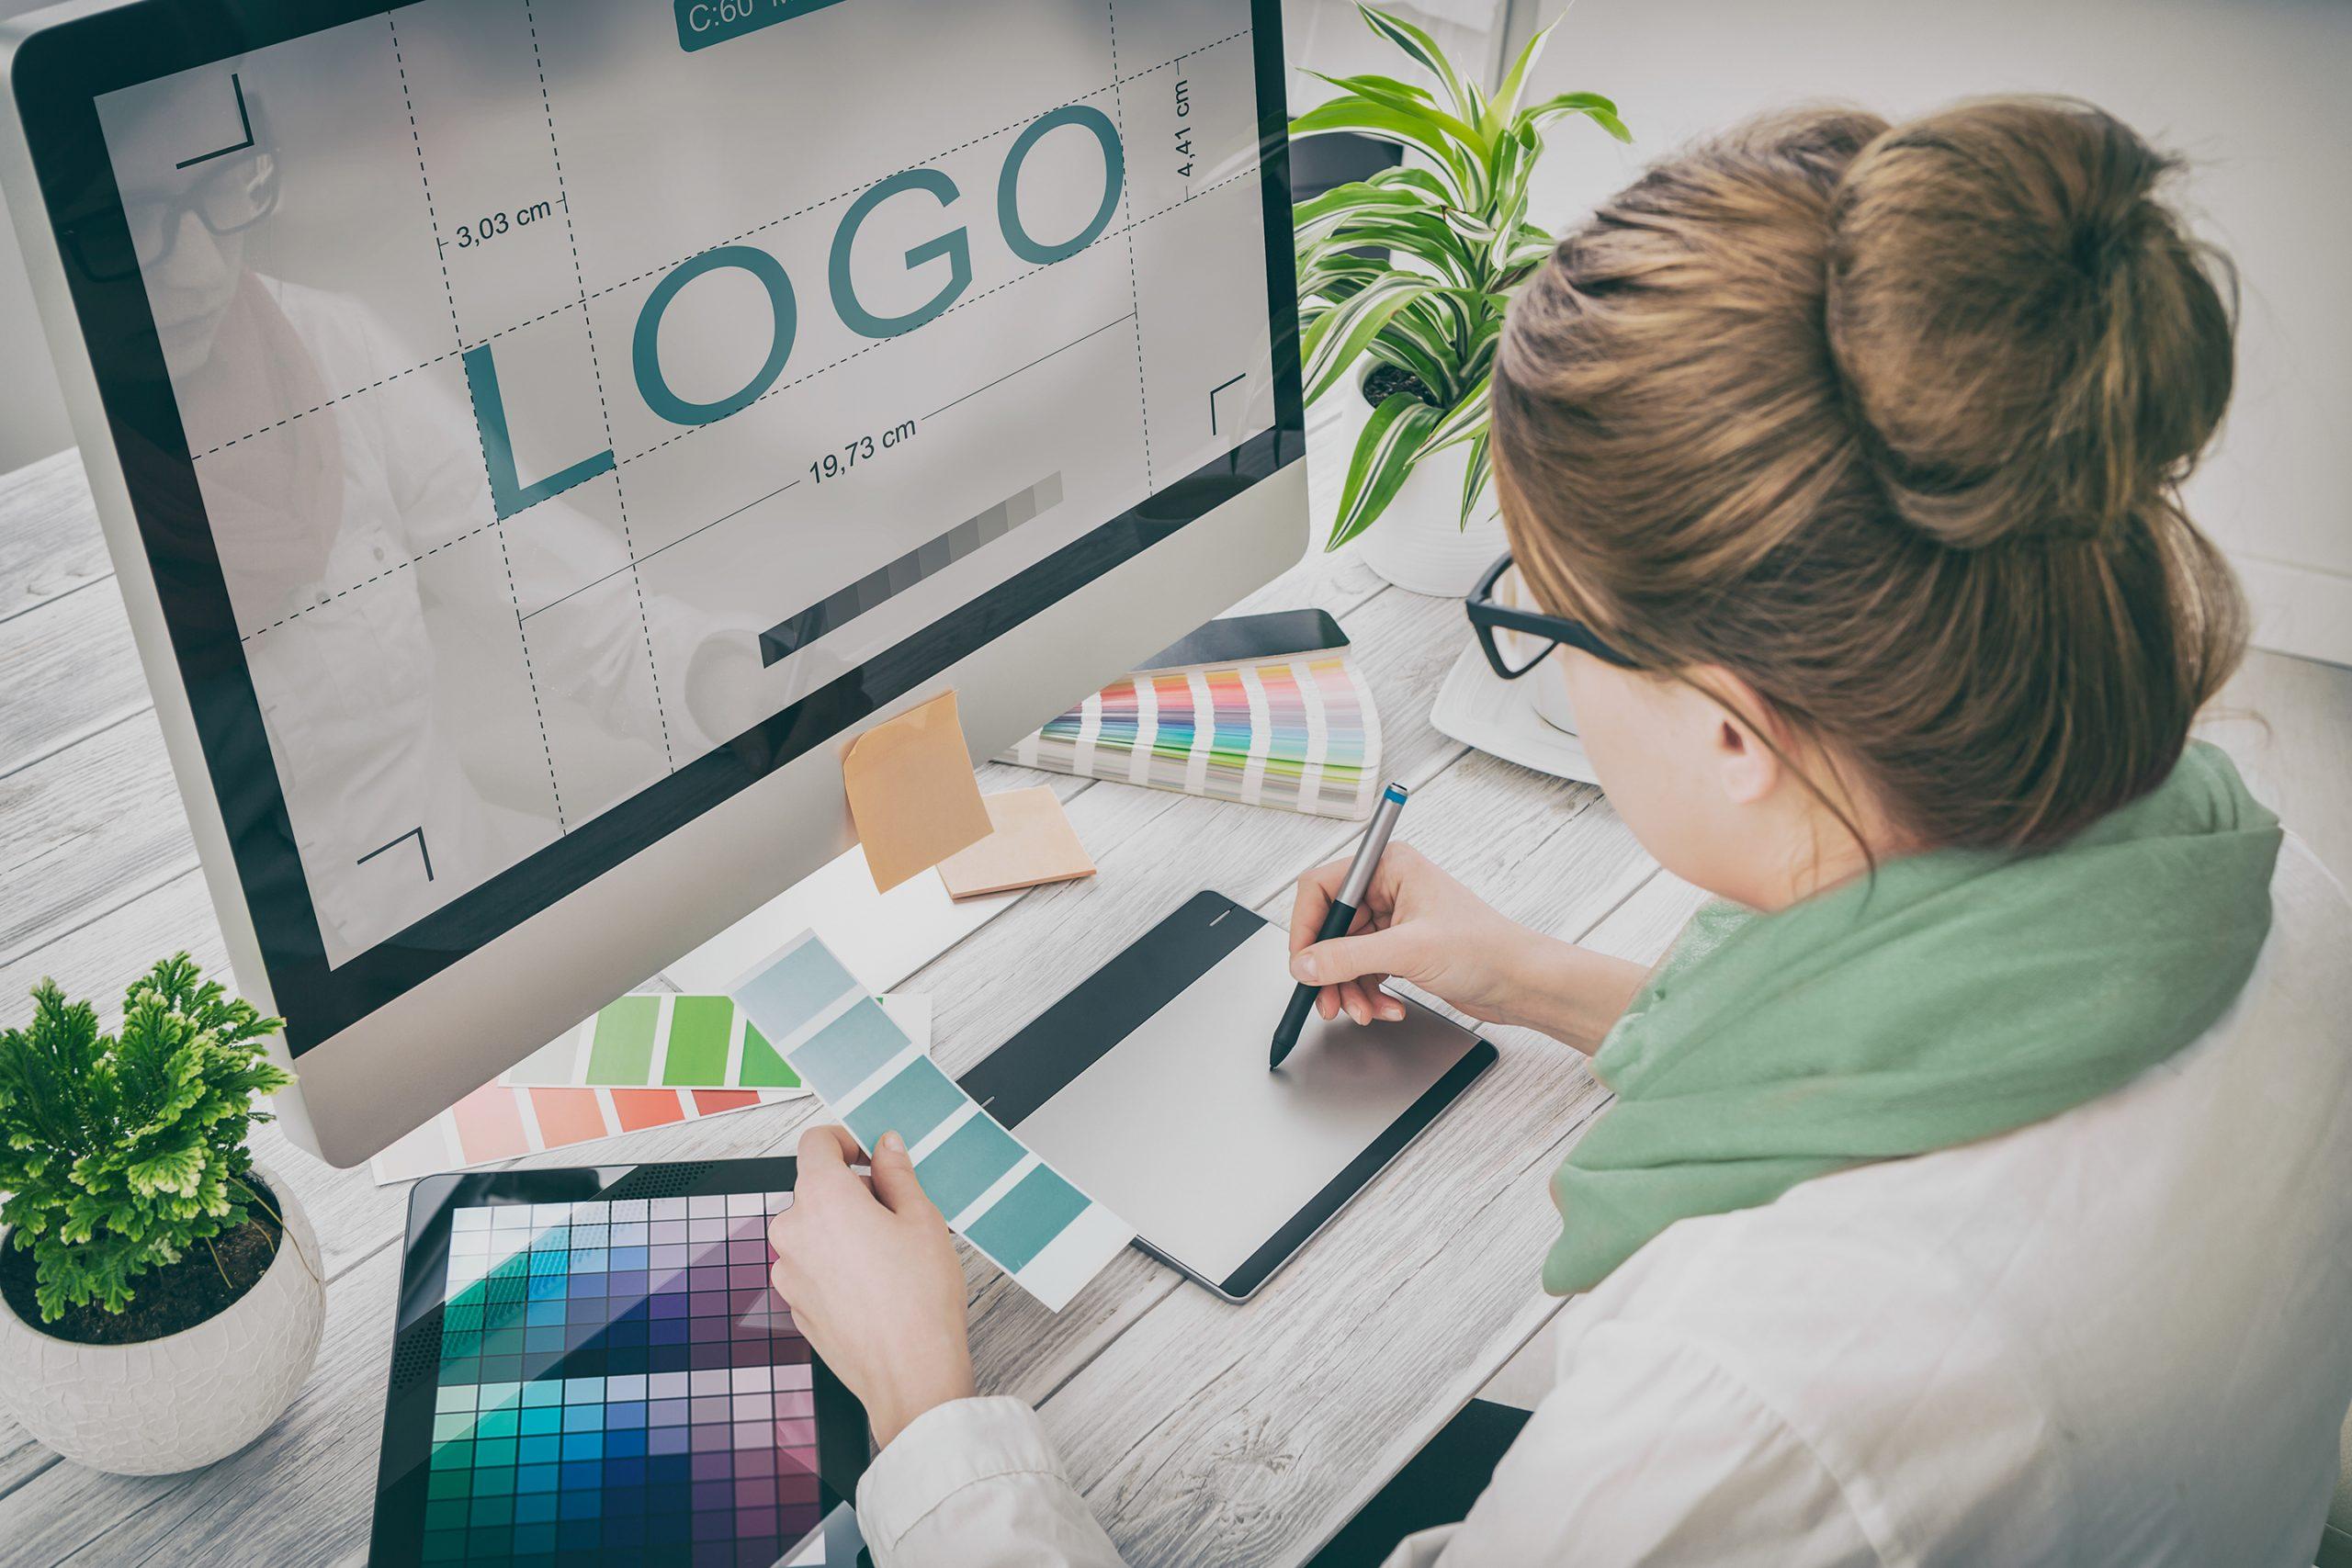 Профессия веб-дизайнер: кто это и чем занимаются, как стать и где учиться